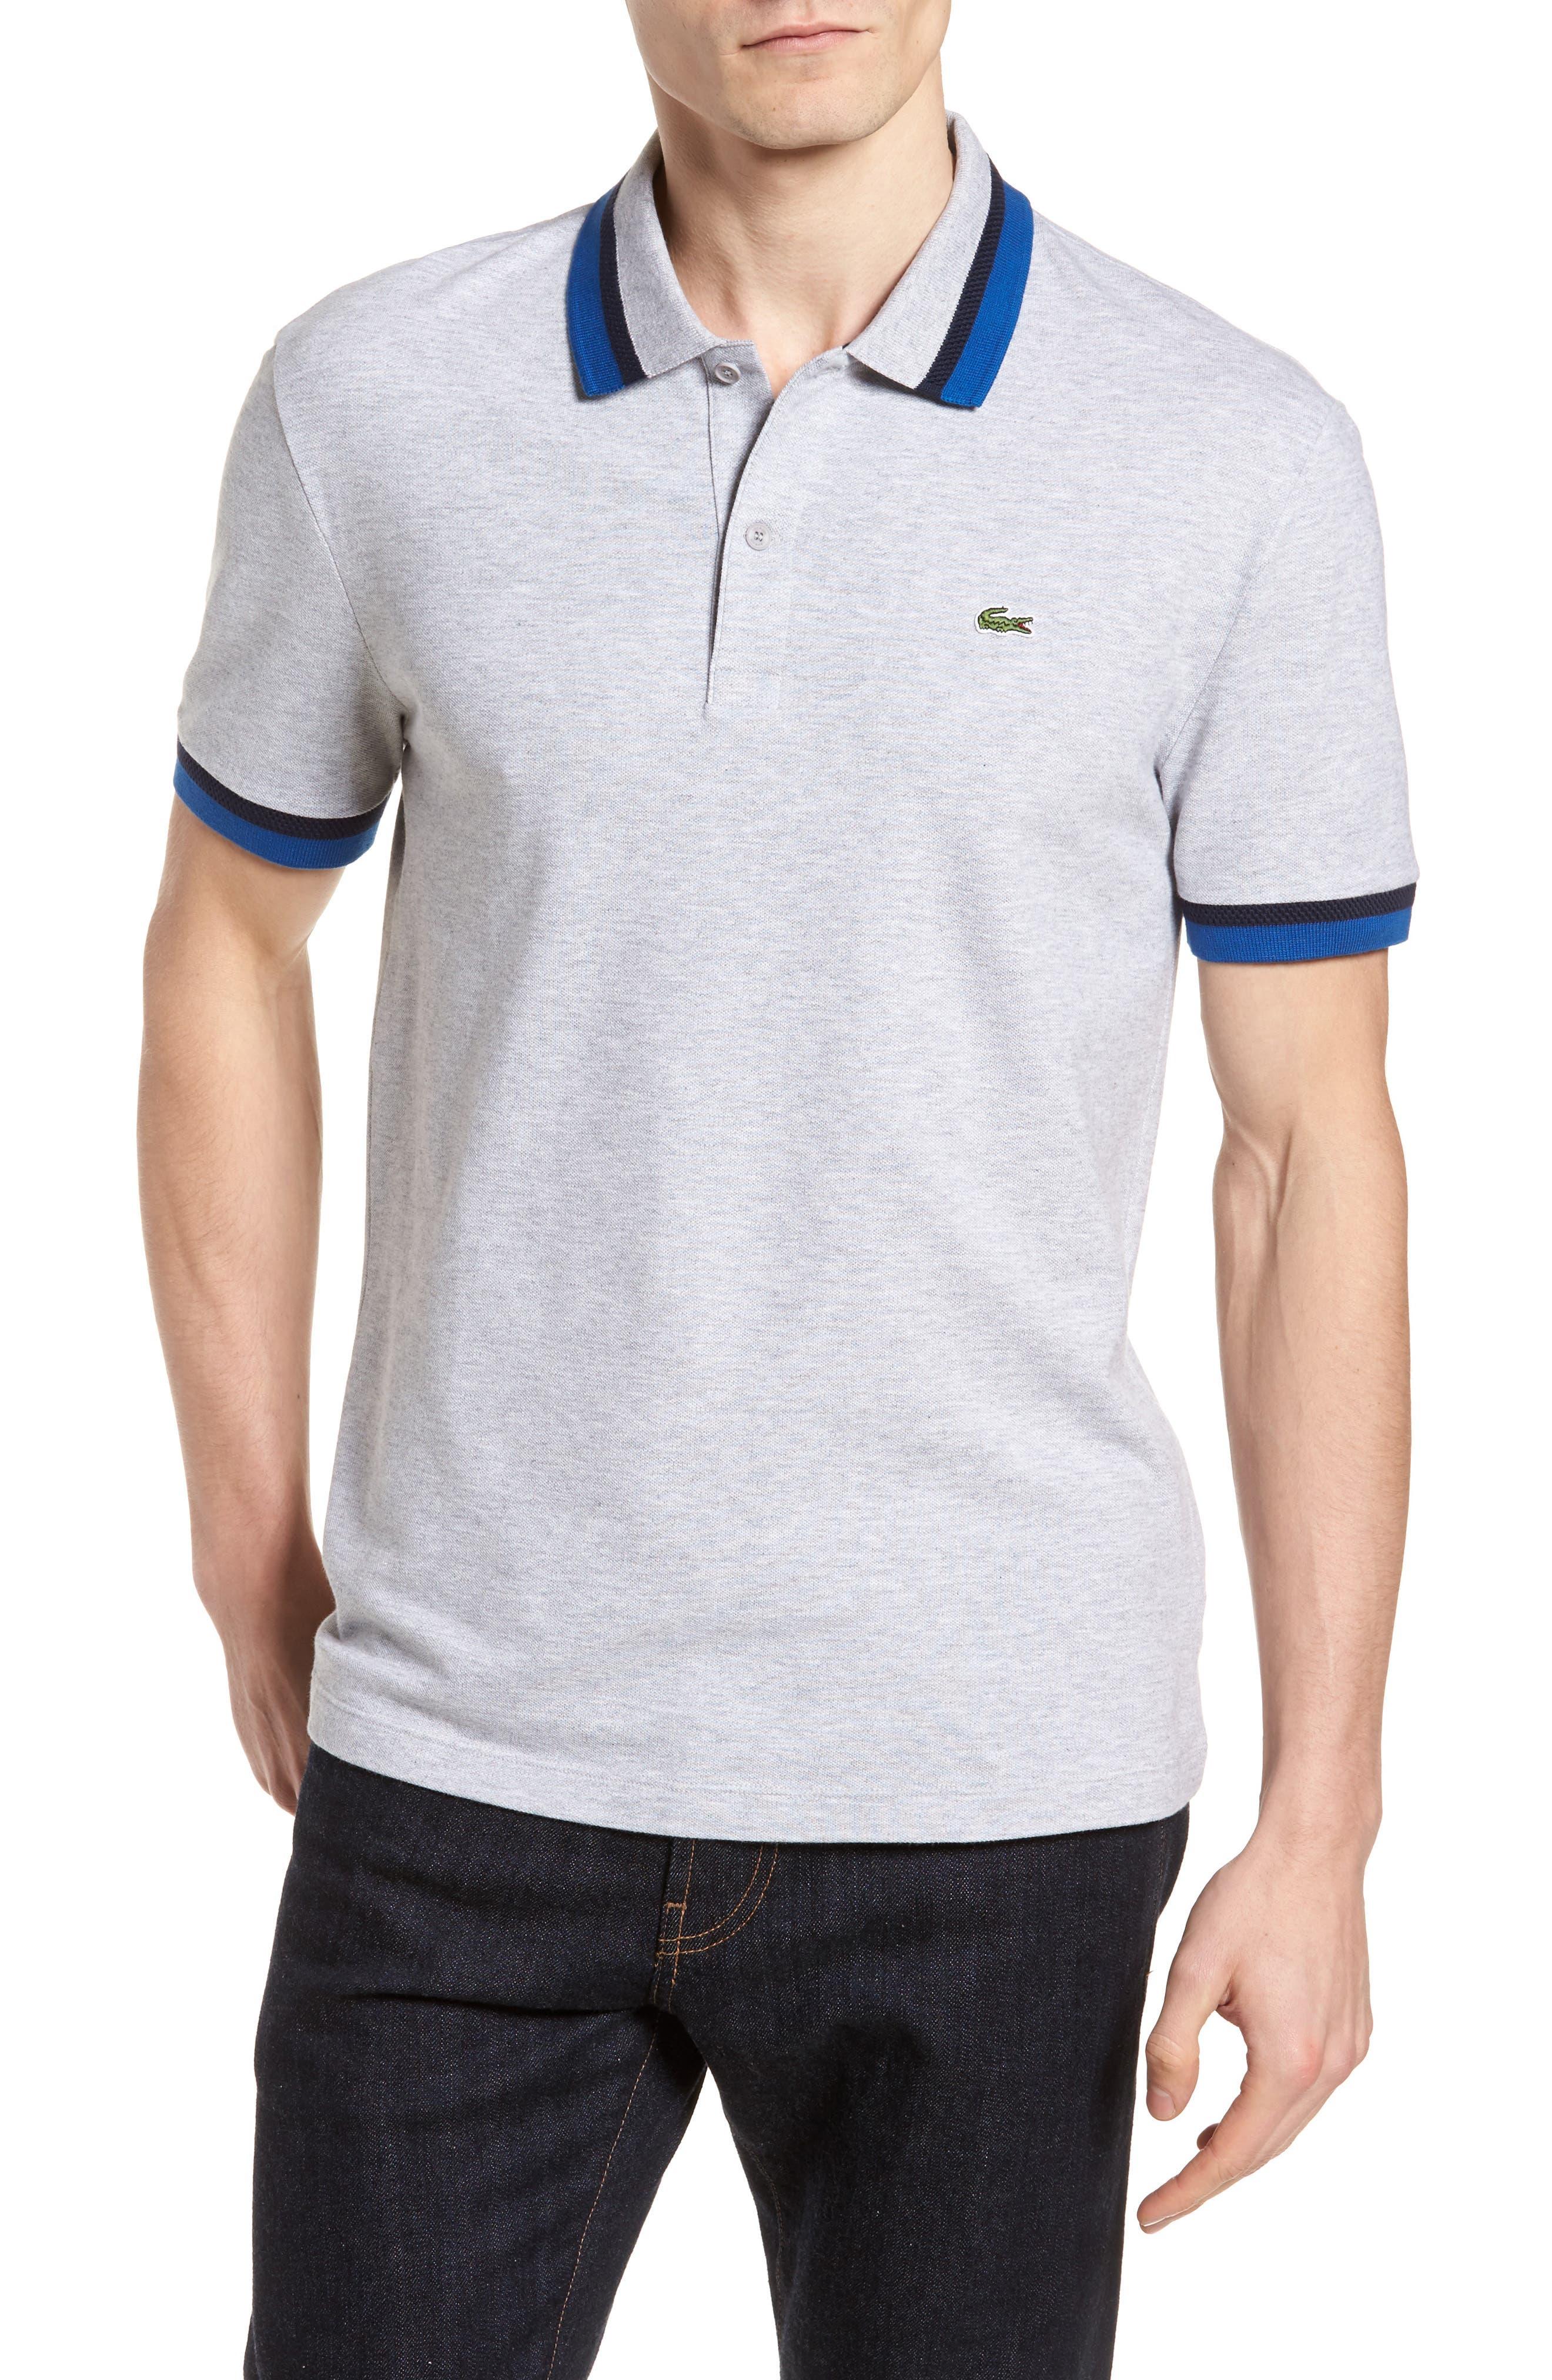 Main Image - Lacoste Slim Fit Contrast Stretch Cotton Piqué Polo